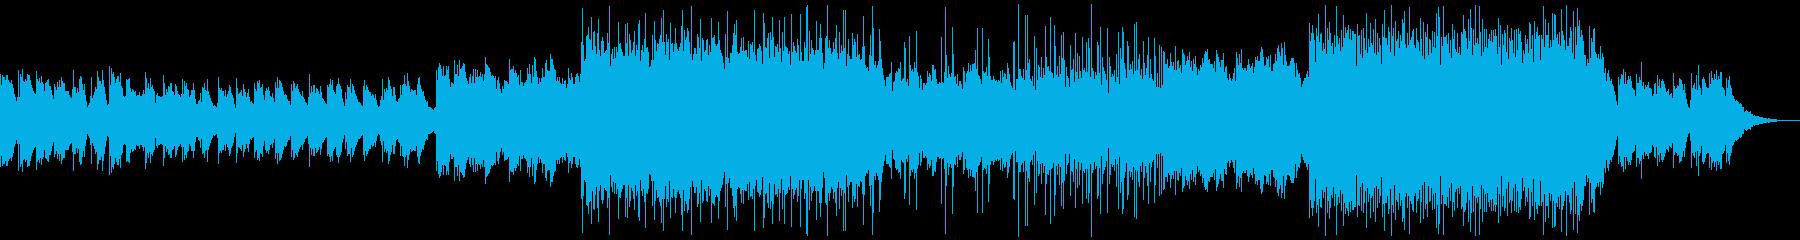 ドラマティックに展開するポップBGMの再生済みの波形